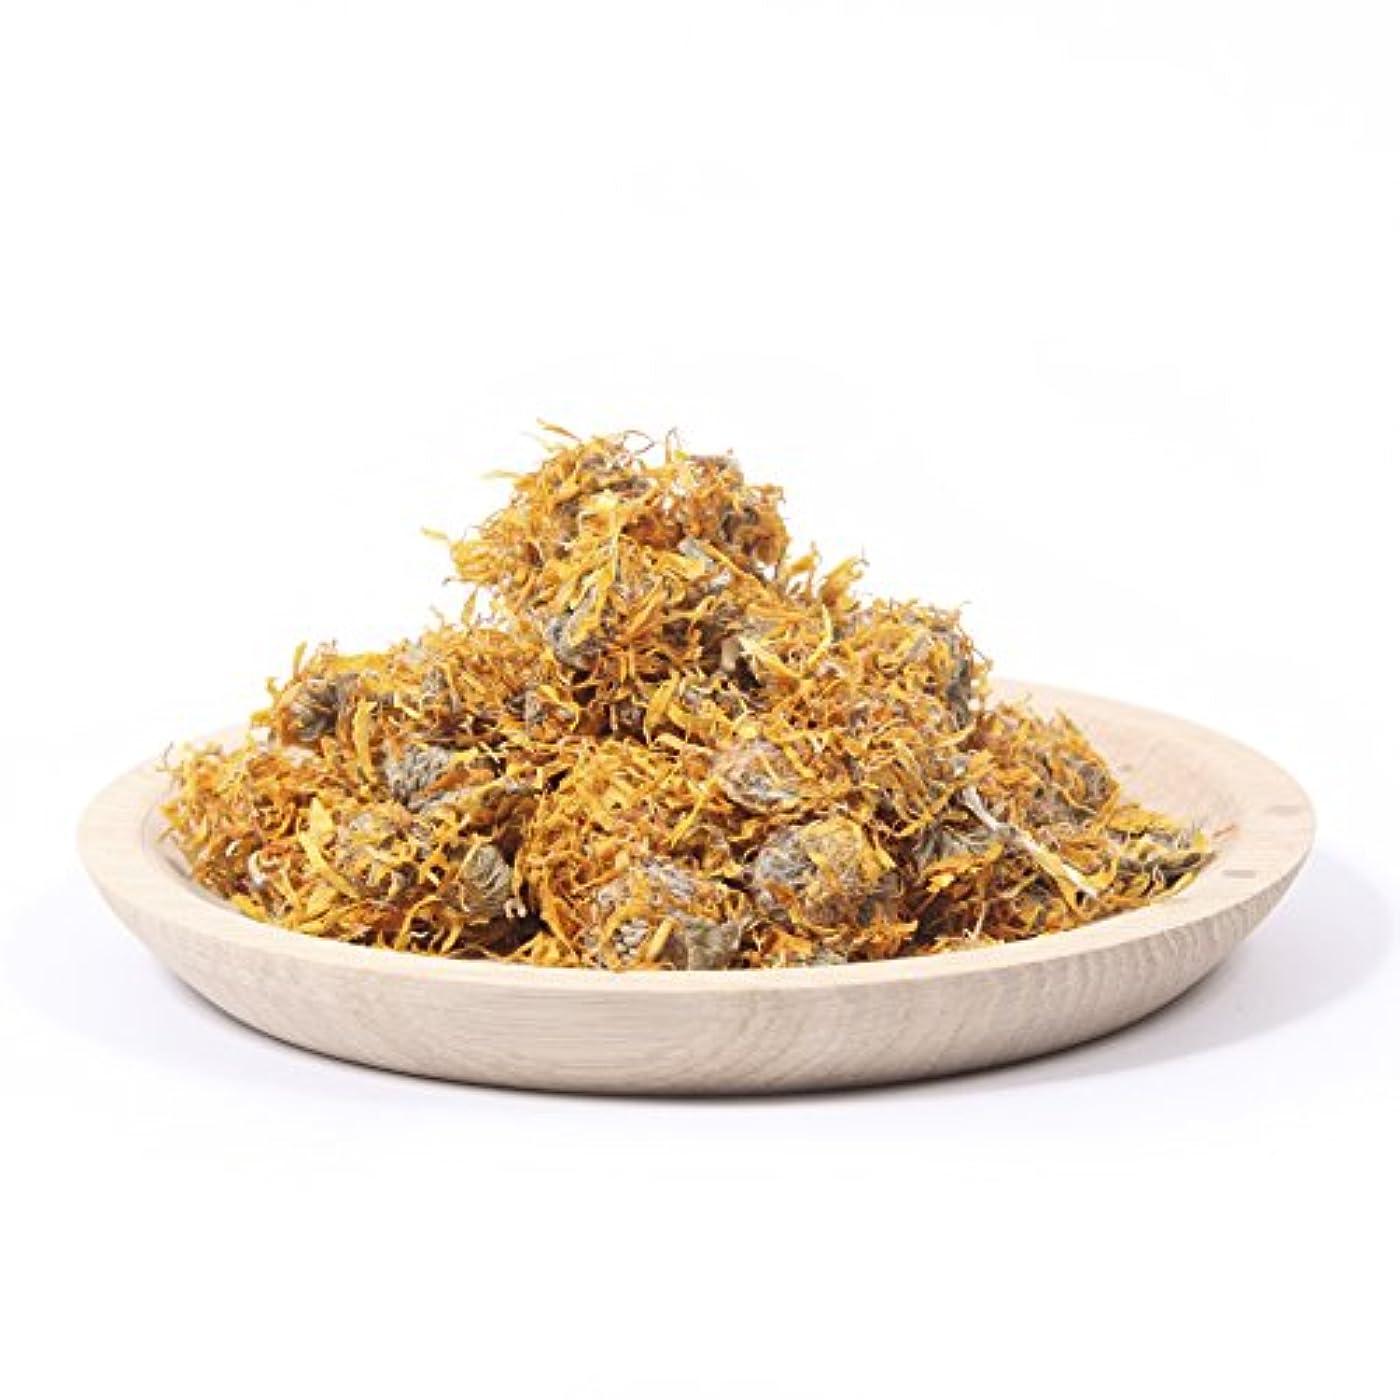 Dried Marigold Petals - 100g